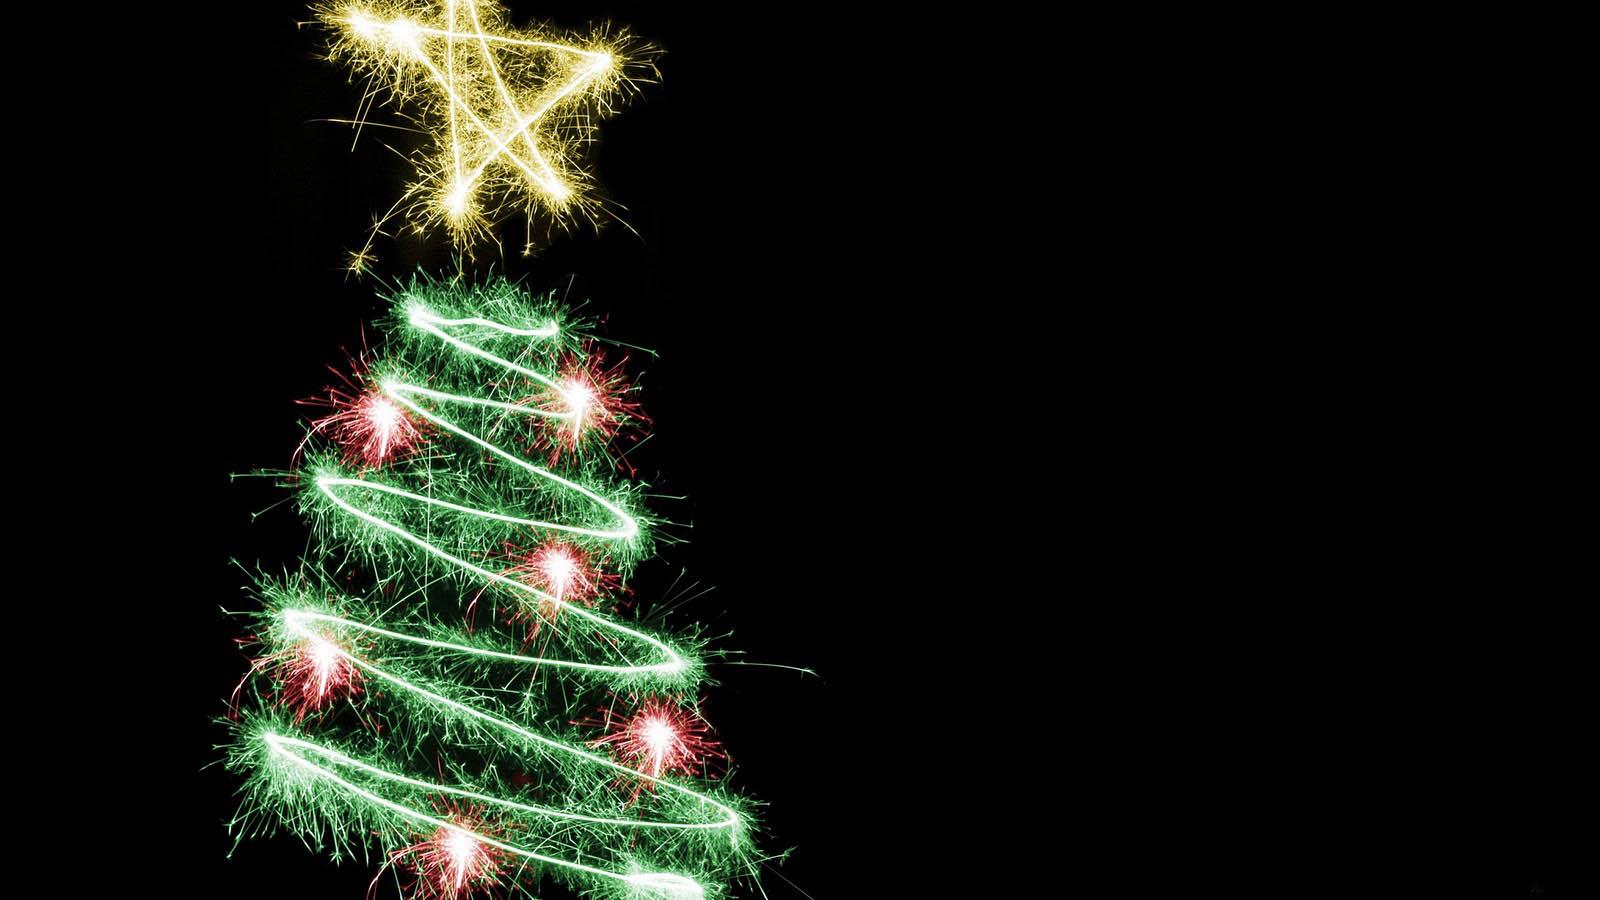 Best Desktop HD Wallpaper Christmas Lights Wallpapers 1600x900